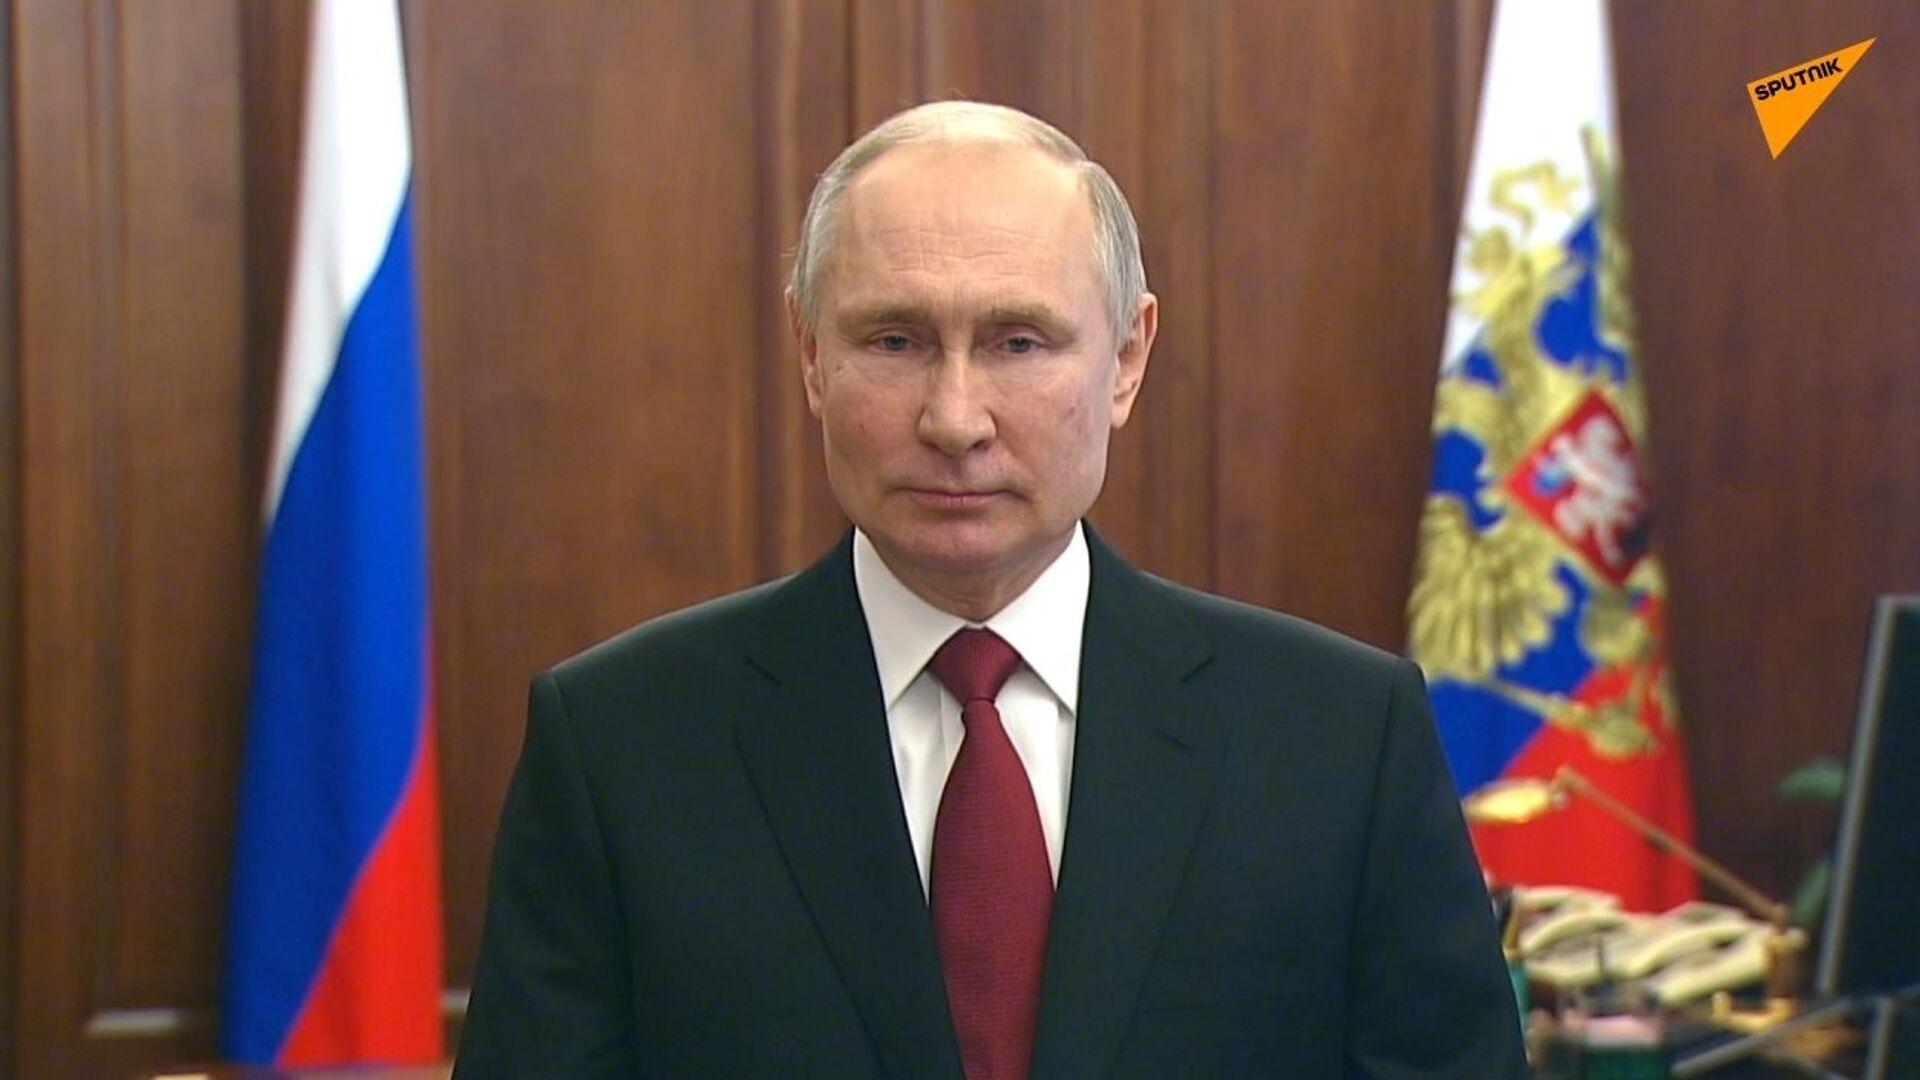 Russia, messaggio di congratulazioni di Putin in occasione della Giornata del difensore della Patria - Sputnik Italia, 1920, 23.02.2021